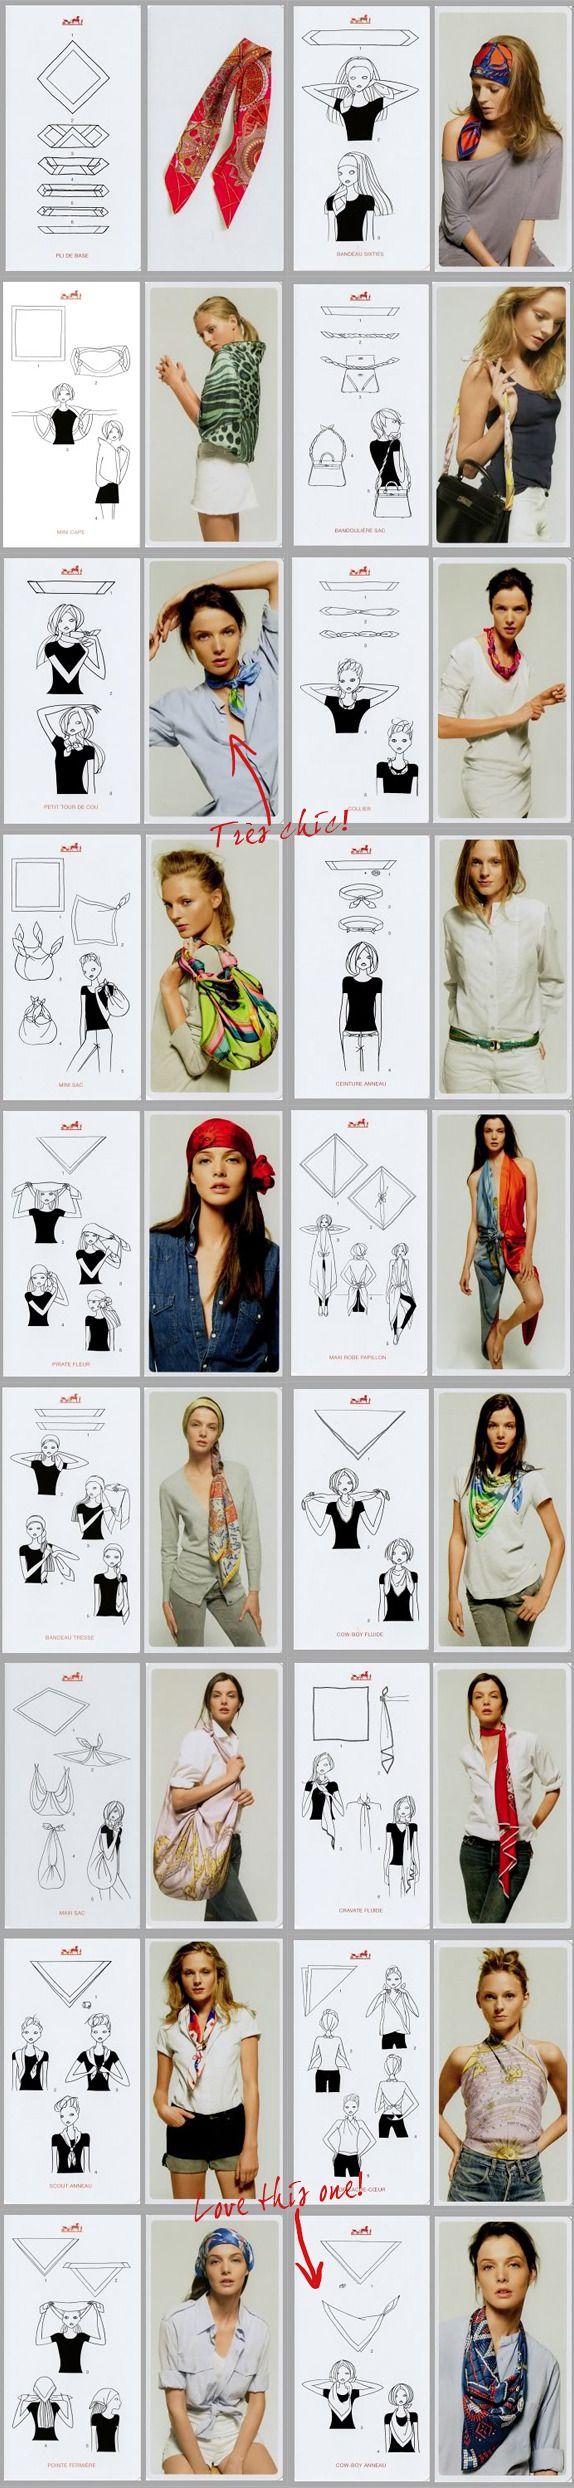 Techniques de pliages pour porter son carré de tissus de différentes façons, foulard au féminin, style vestimentaire, conseils en accessoires